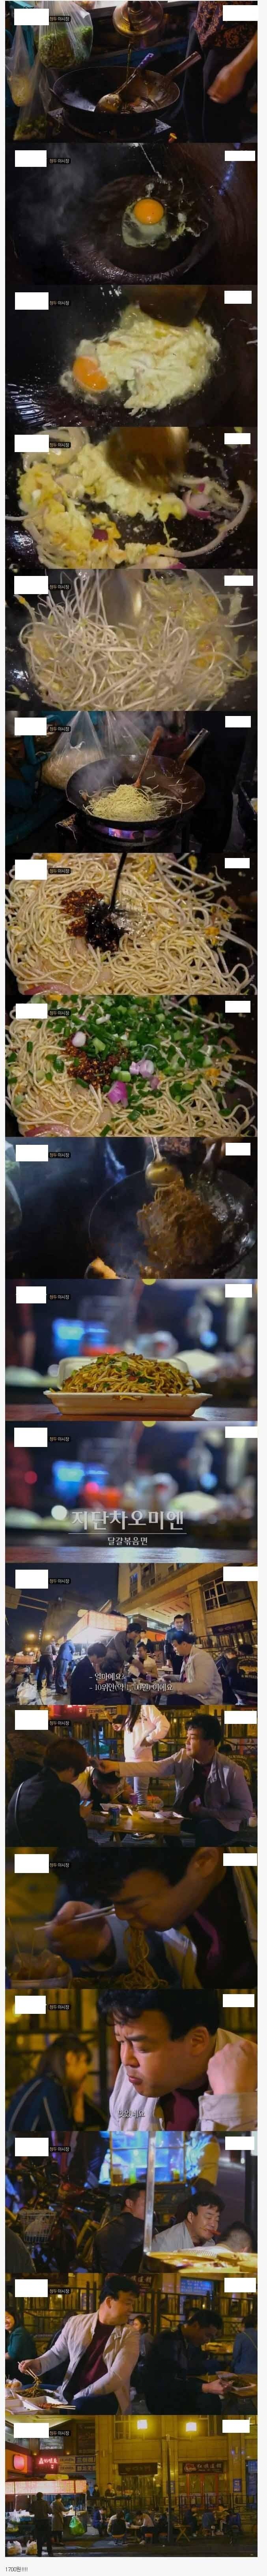 중국의 1700원 음식   인스티즈